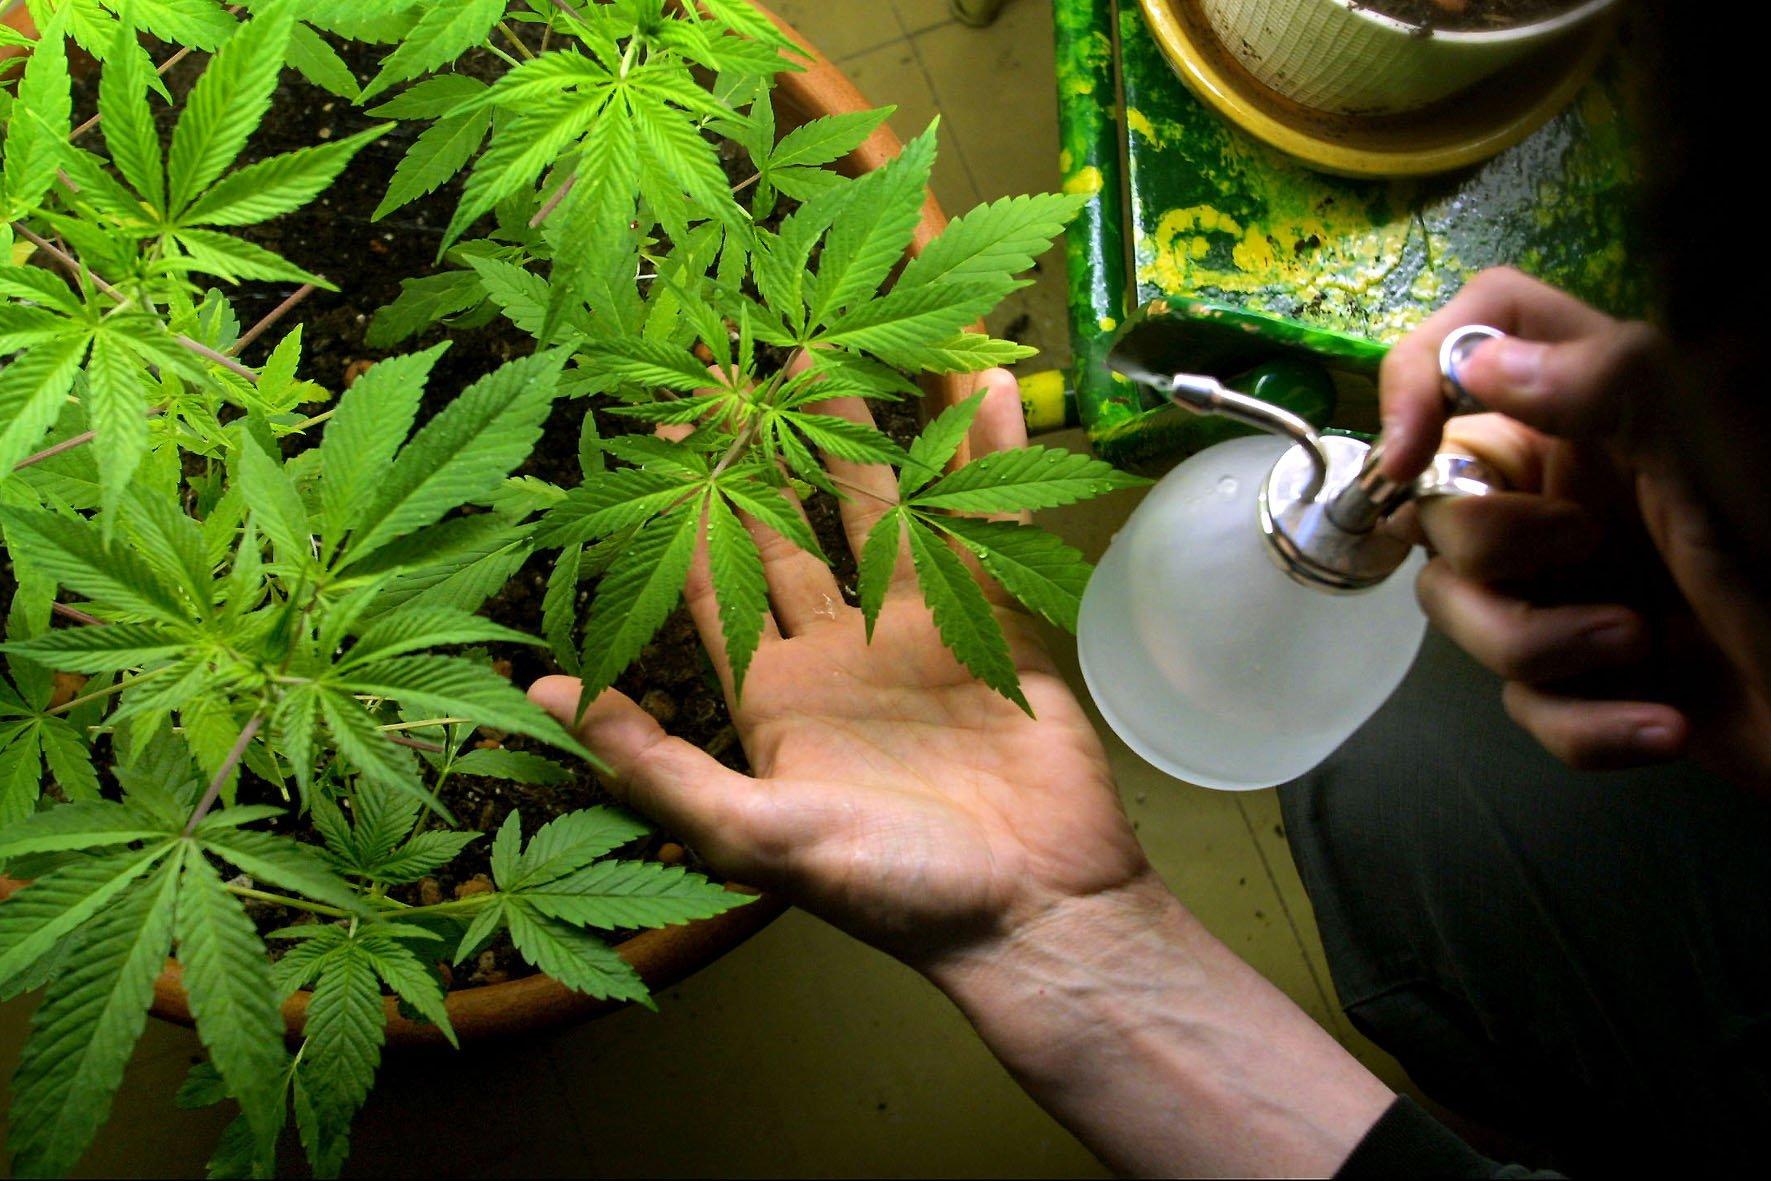 Si può far crescere cannabis medica a casa in Italia?